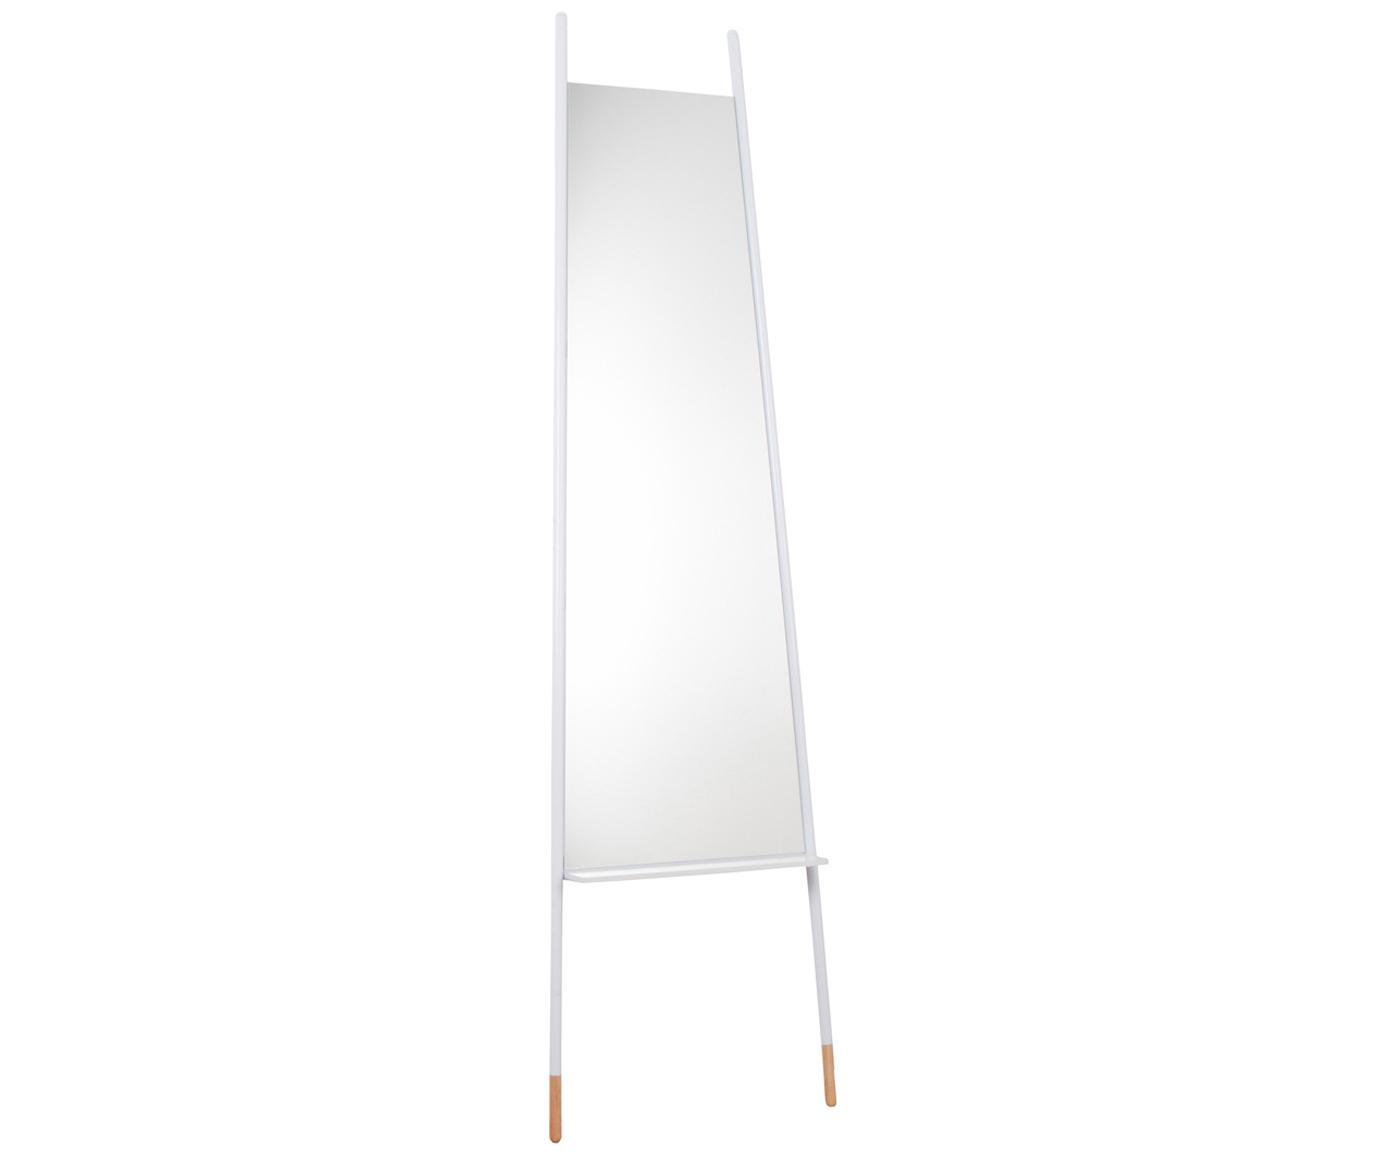 Prostokątne lustro stojące z półką Leaning Mirror, Biały, lustrzany, 171 x 48 cm